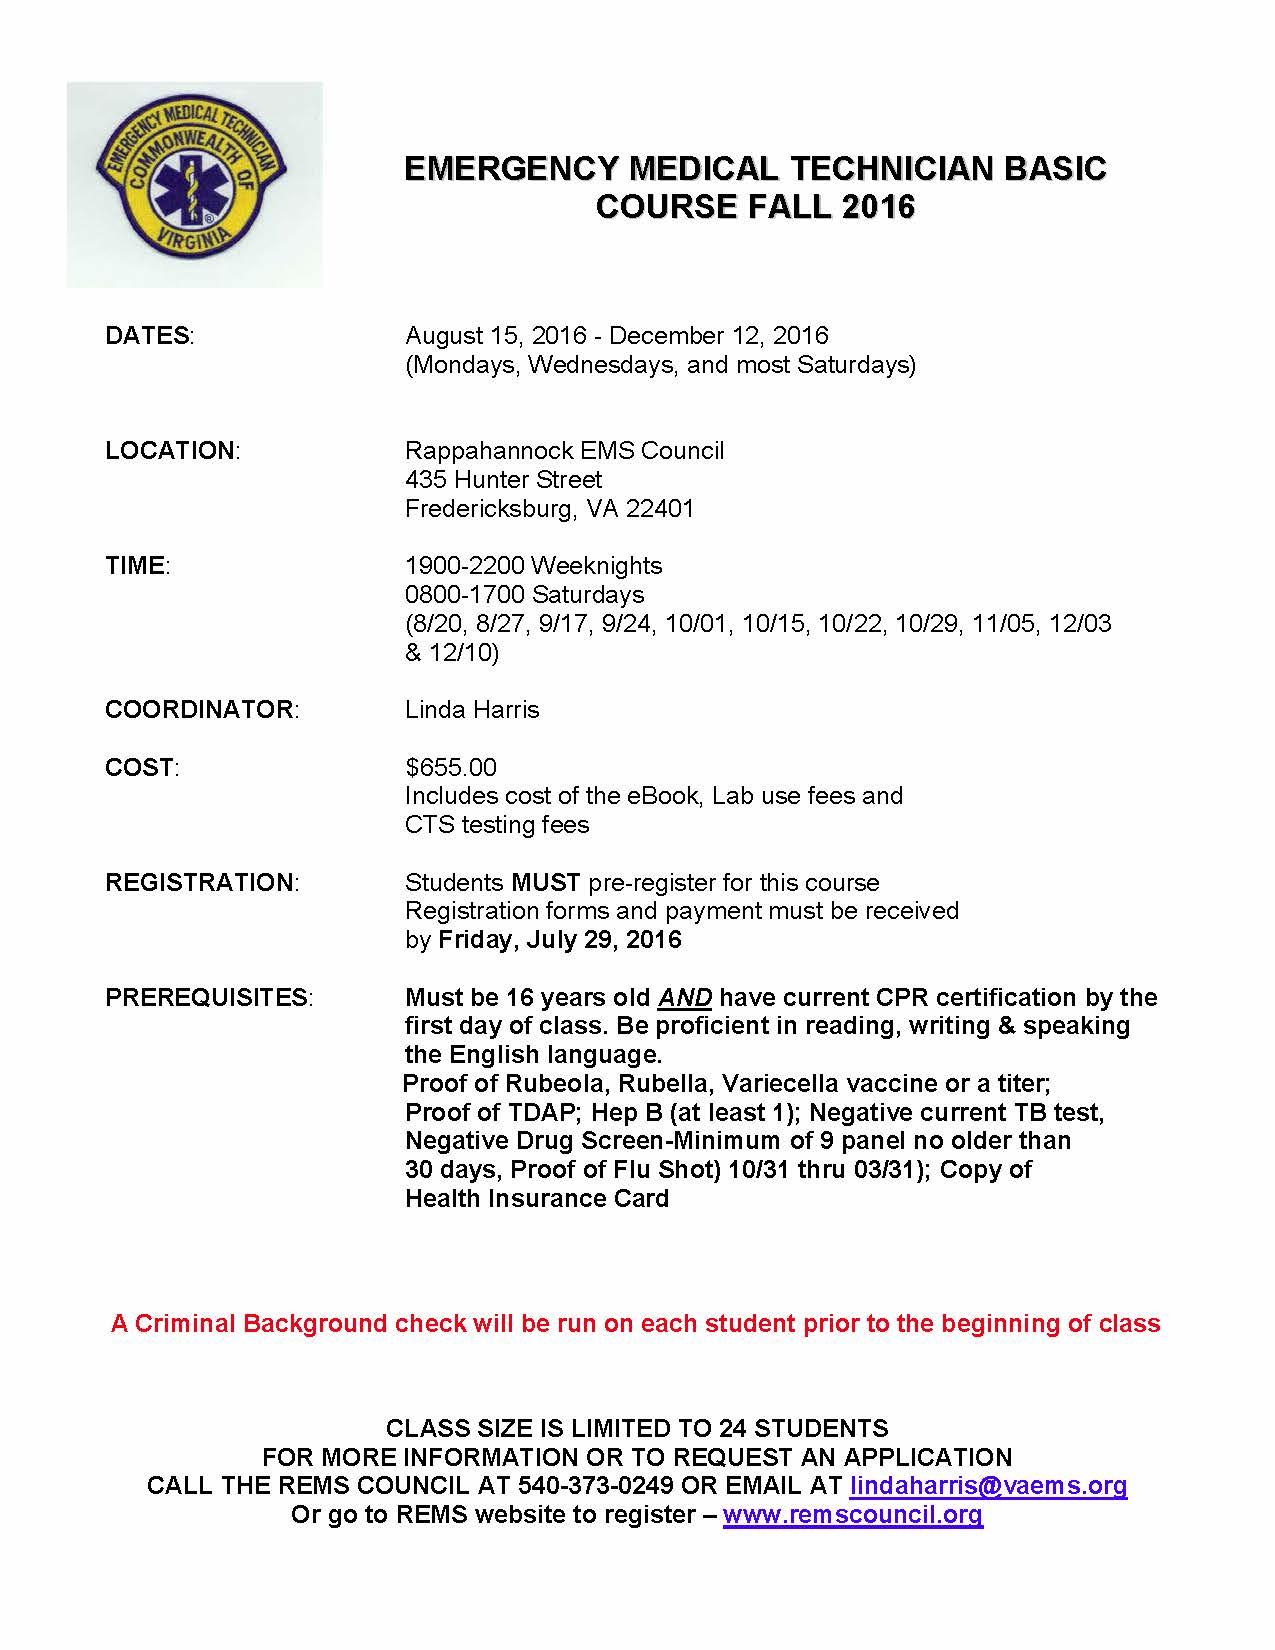 EMT Basic FA16 Flyer